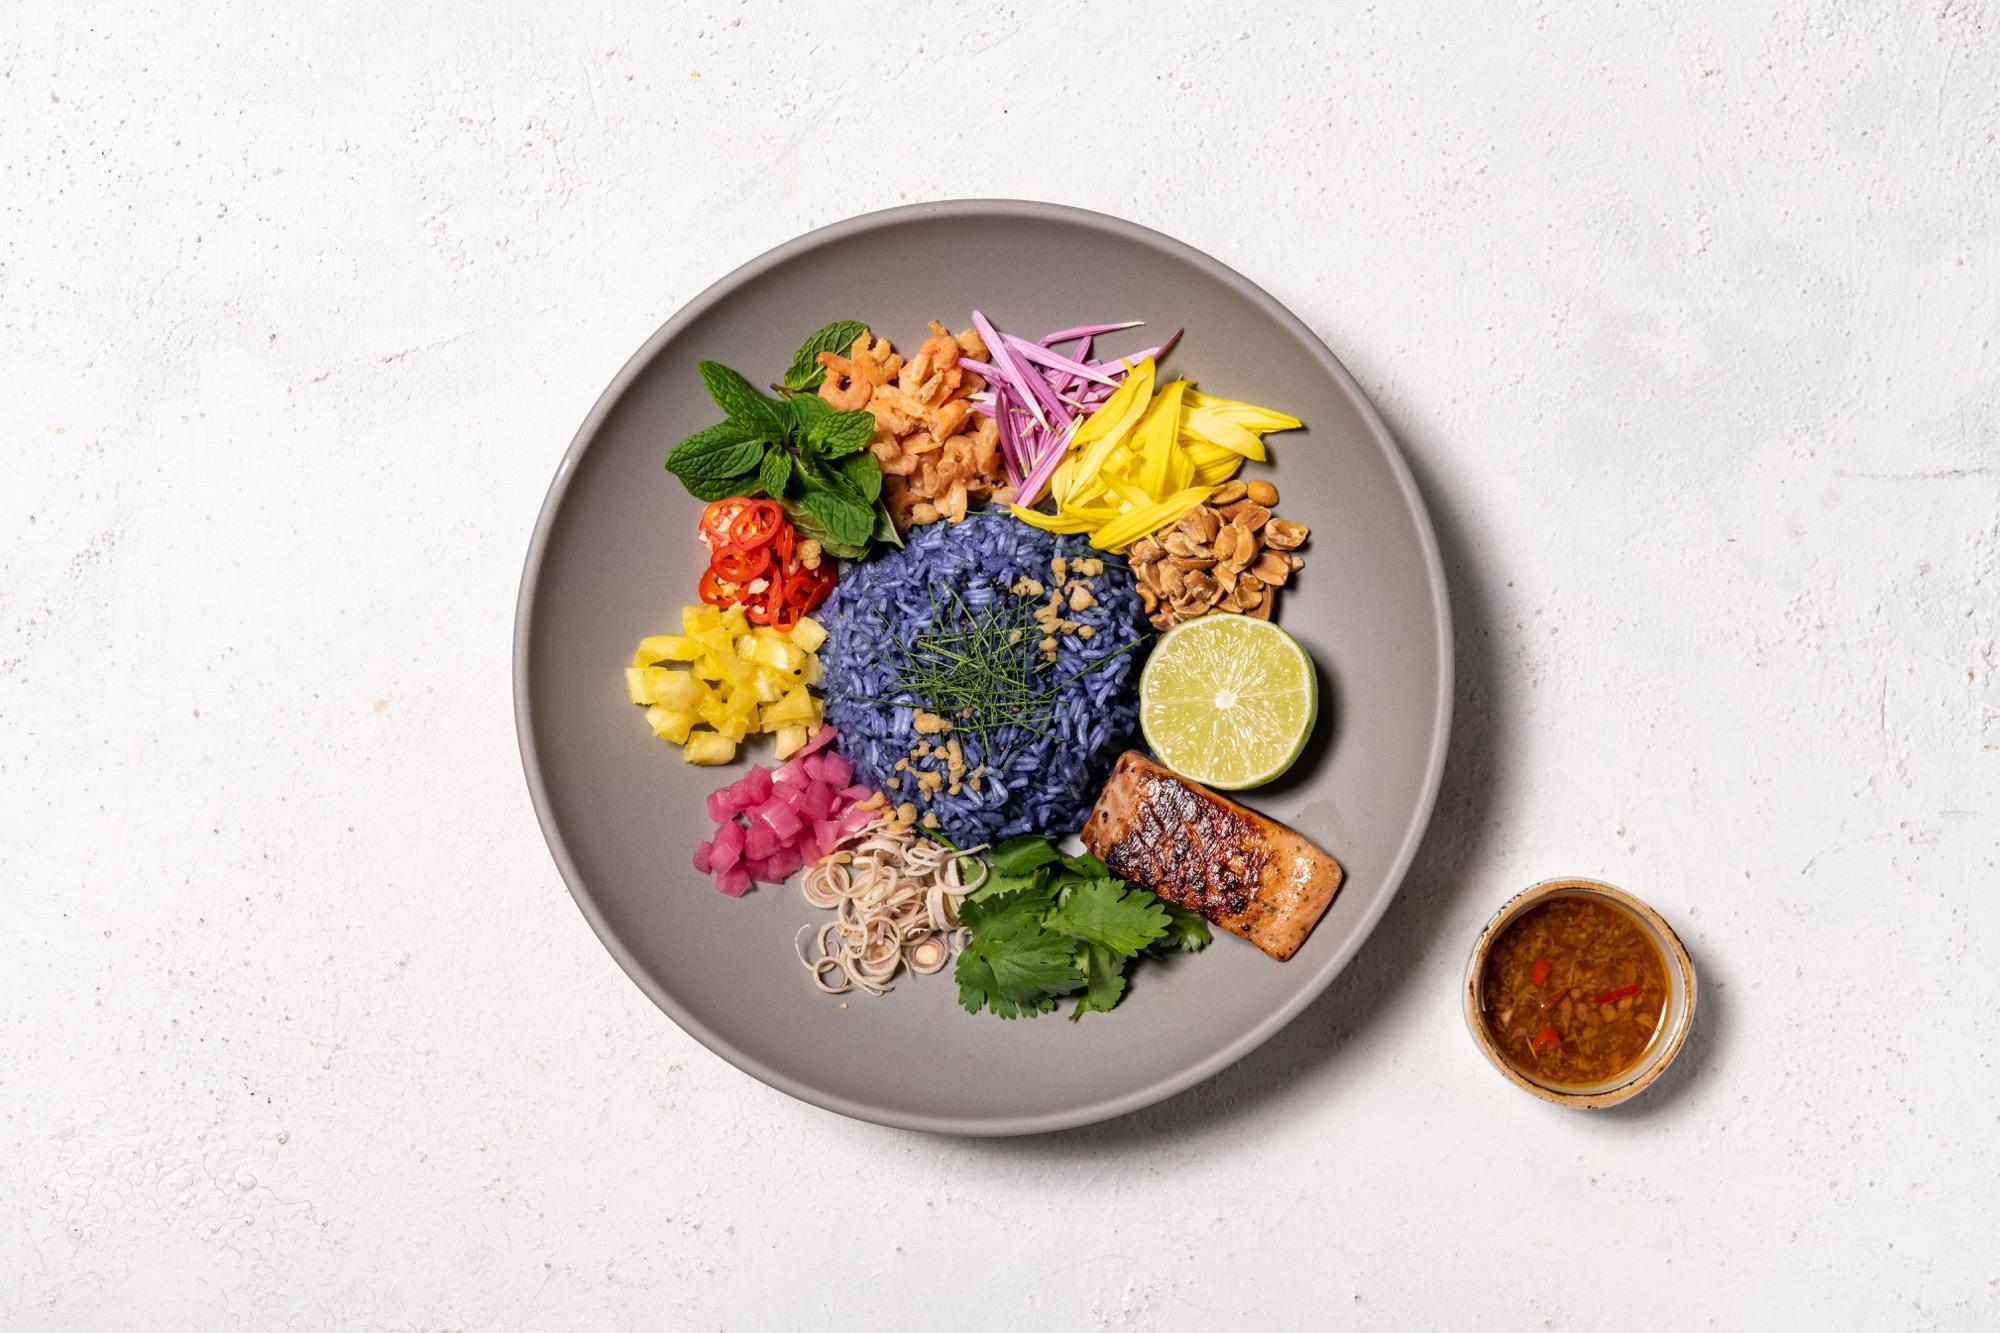 モダン・アジアン・レストラン「Longrain TOKYO」から 一度見たら忘れられない色鮮やかな青いご飯を使ったヘルシーなライスサラダ「カオヤム」を 新定番メニューとして3月6日(土)から提供スタート!